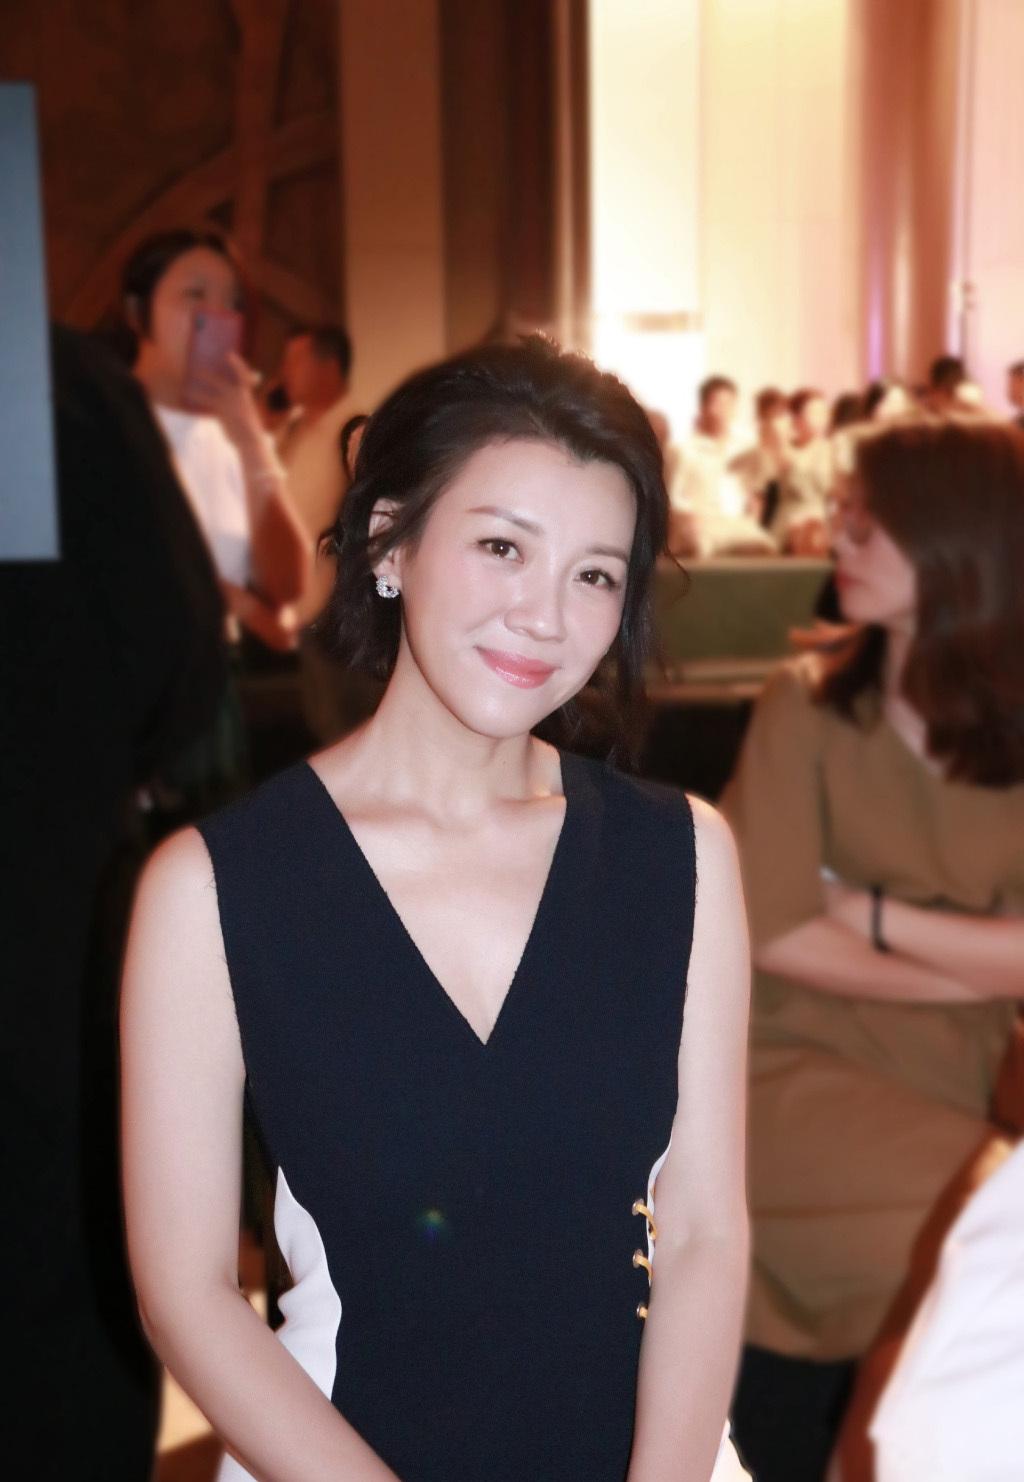 劉琳色圖_早期出席活动的刘琳,一袭黑白色拼接连衣裙,很是迷人